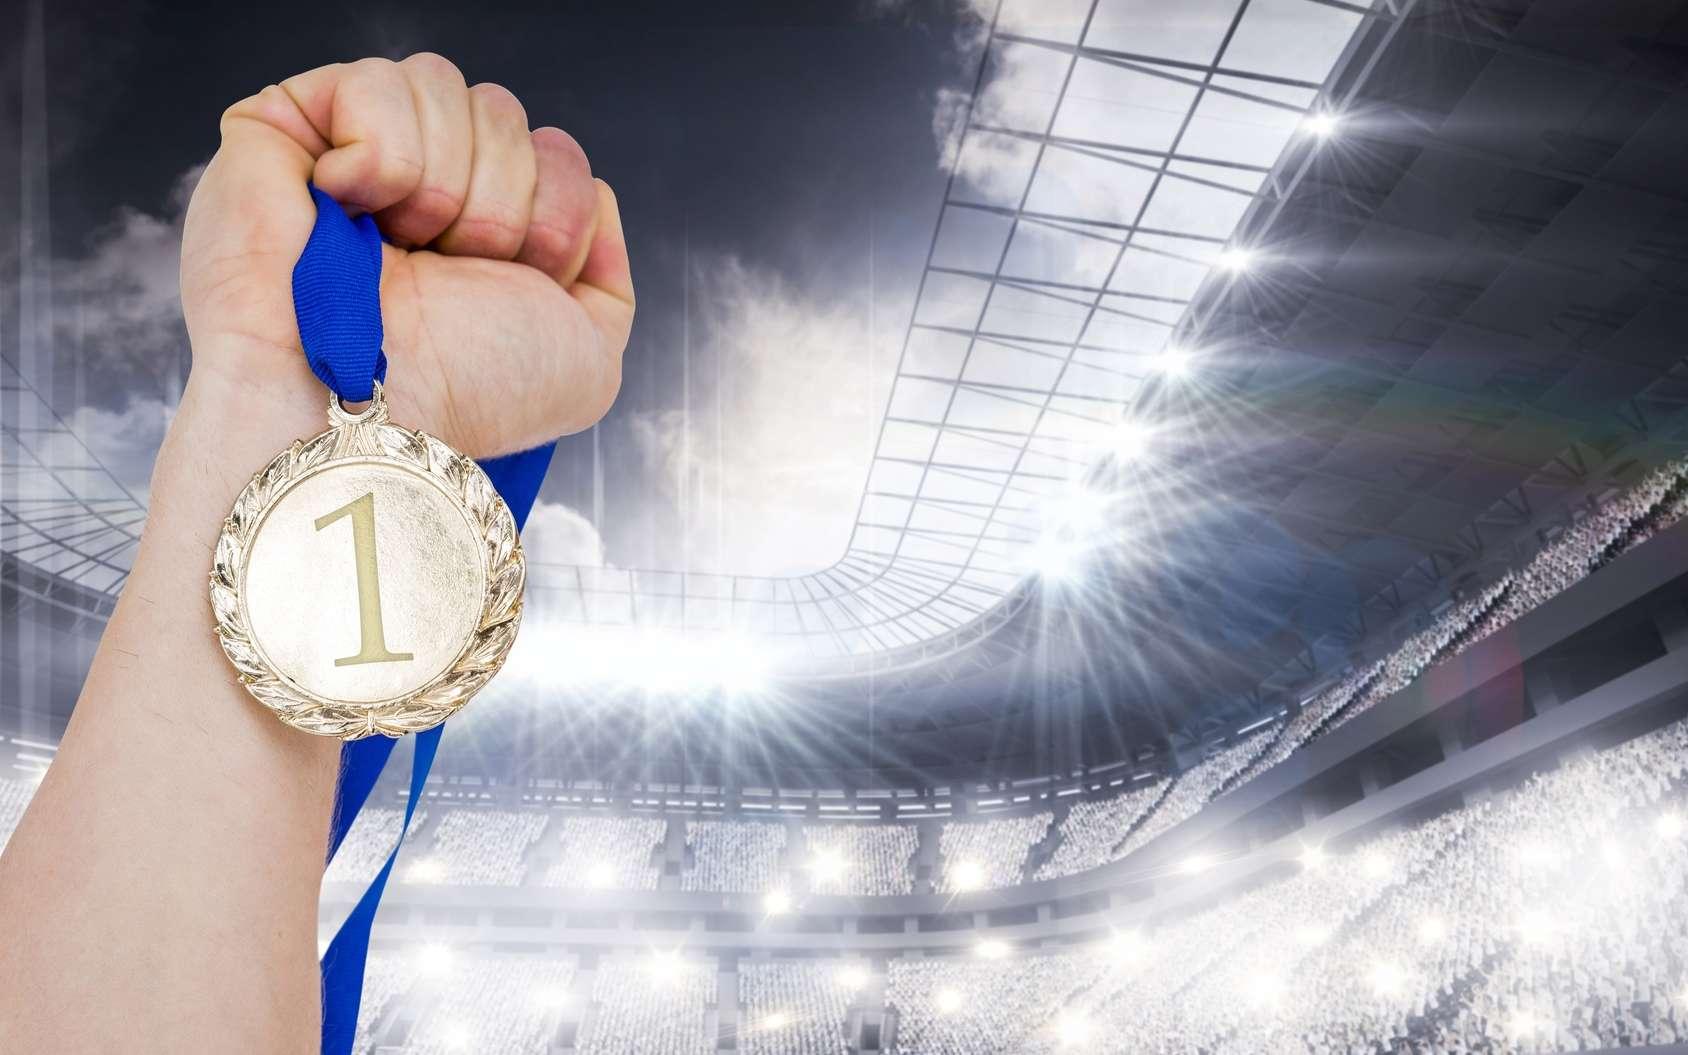 Au palmarès des sportifs les plus médaillés de l'histoire moderne des Jeux olympiques, Michael Phelps arriver premier. © vectorfusionart, fotolia